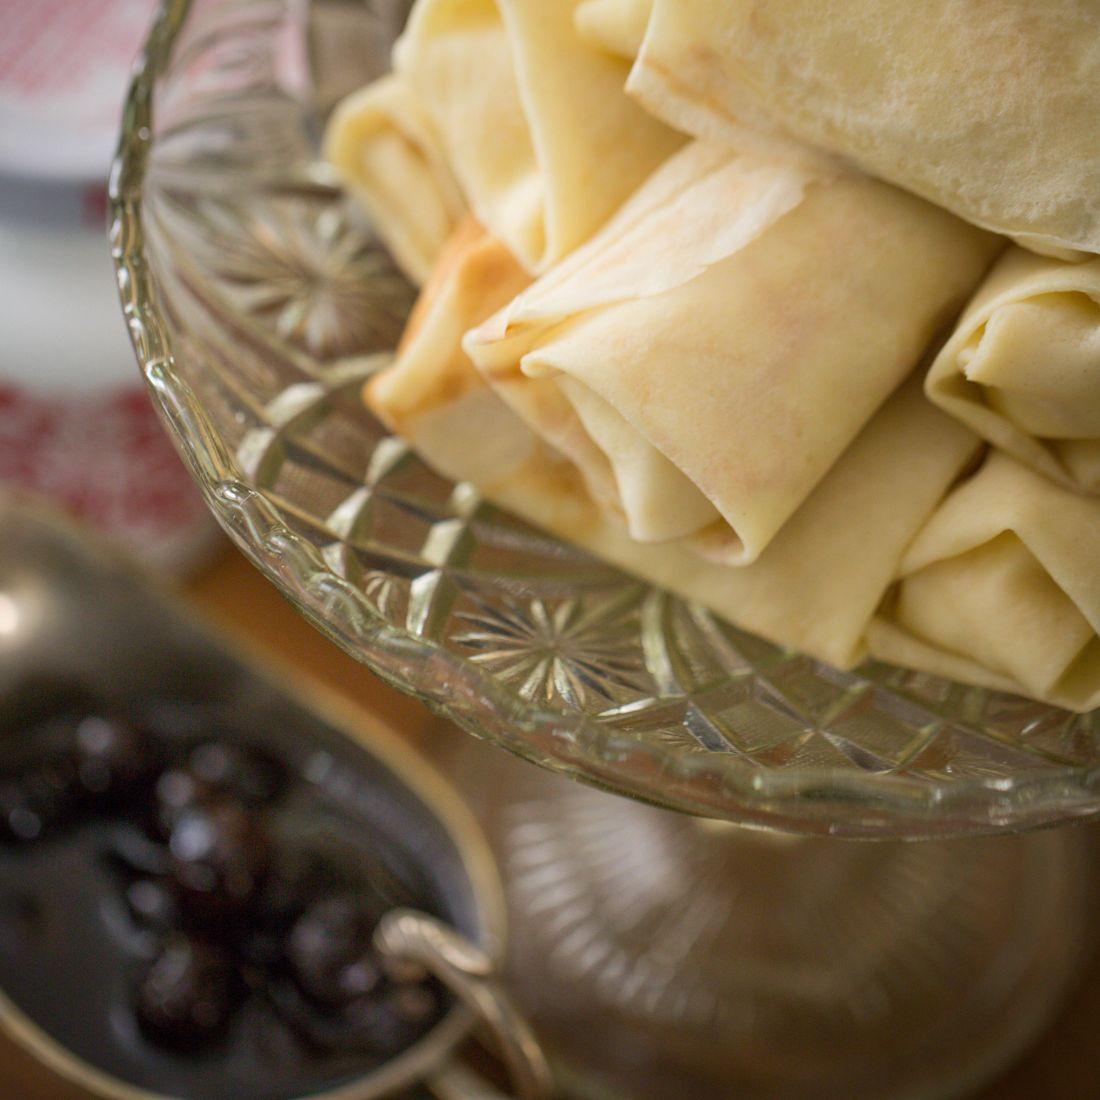 הקרפים במילוי גבינה מתוקה